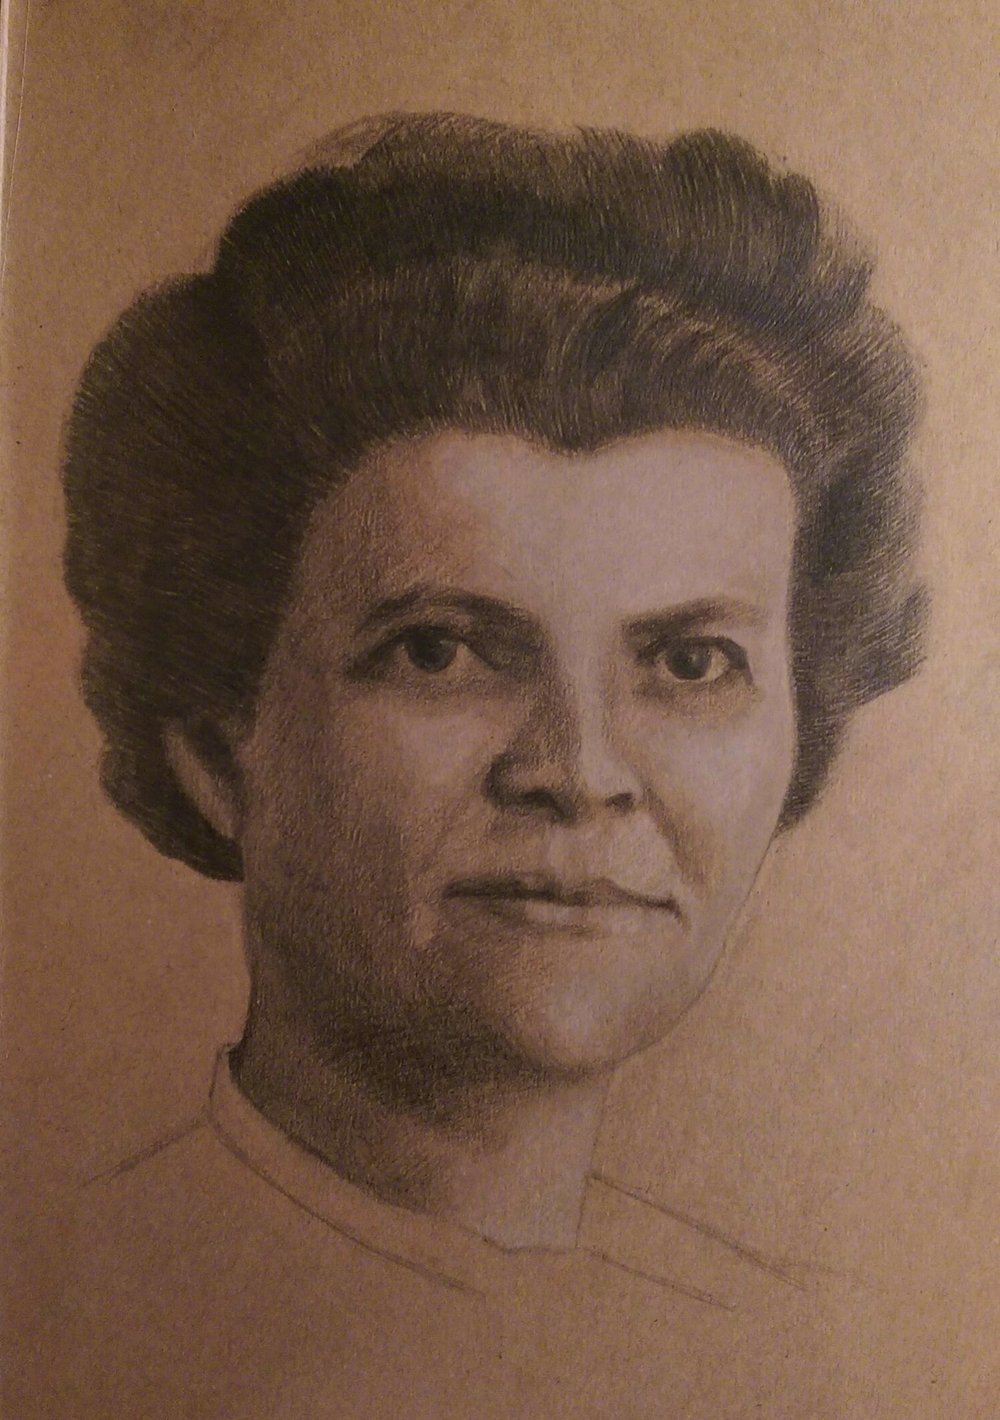 Getekend Portret - naar oude miniatuurfoto - Krijt en Grafiet op papier